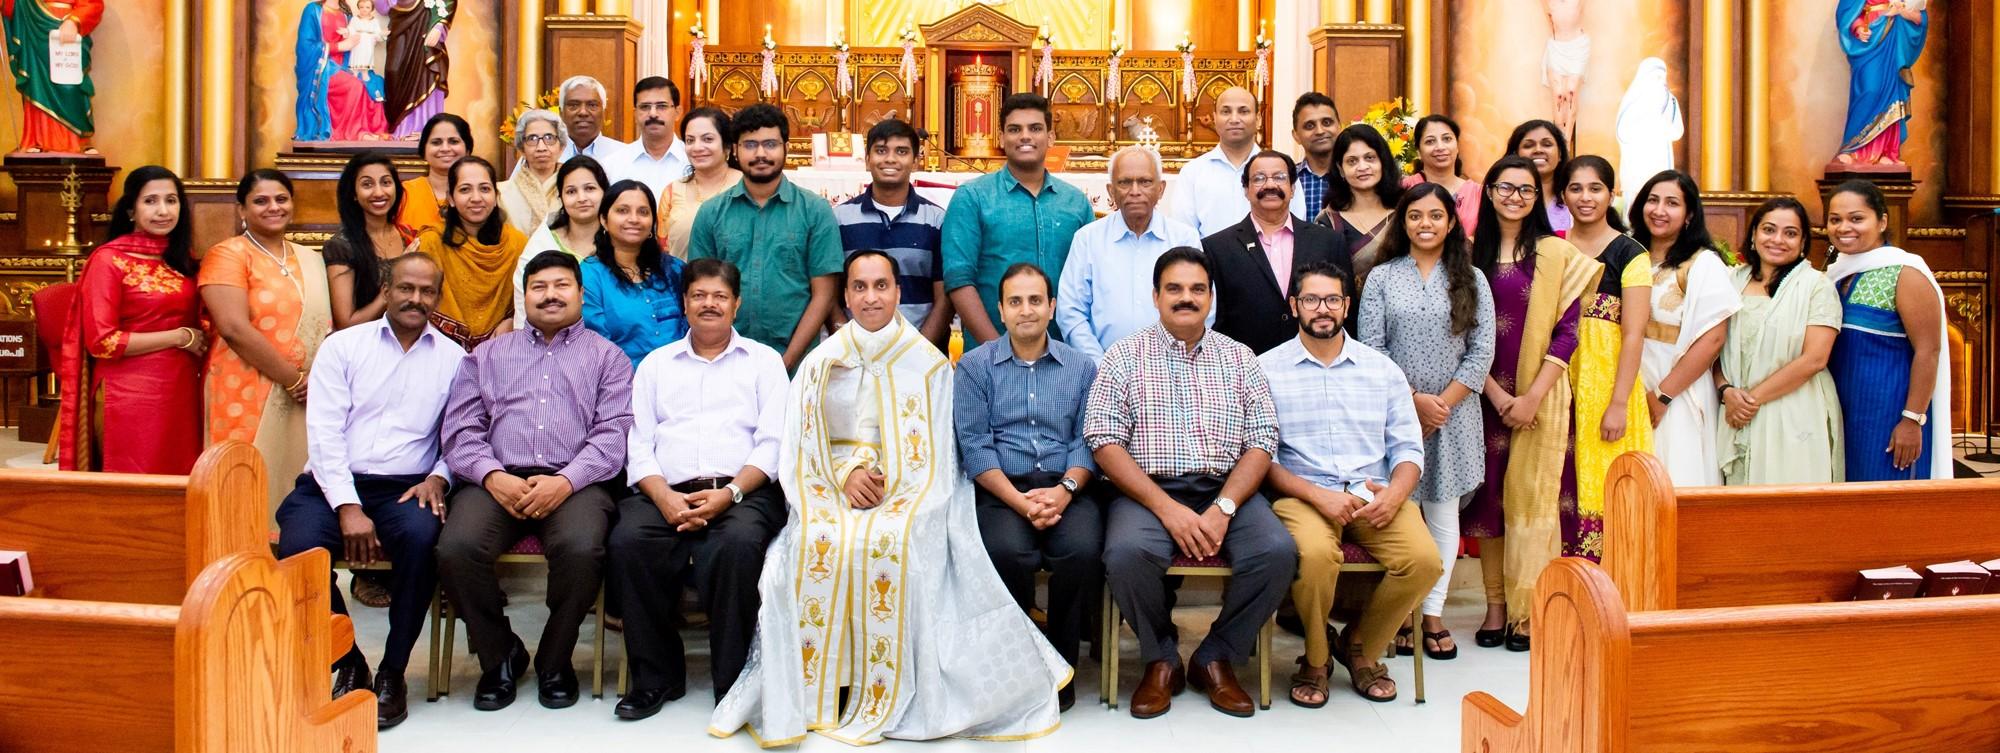 CCD Staff